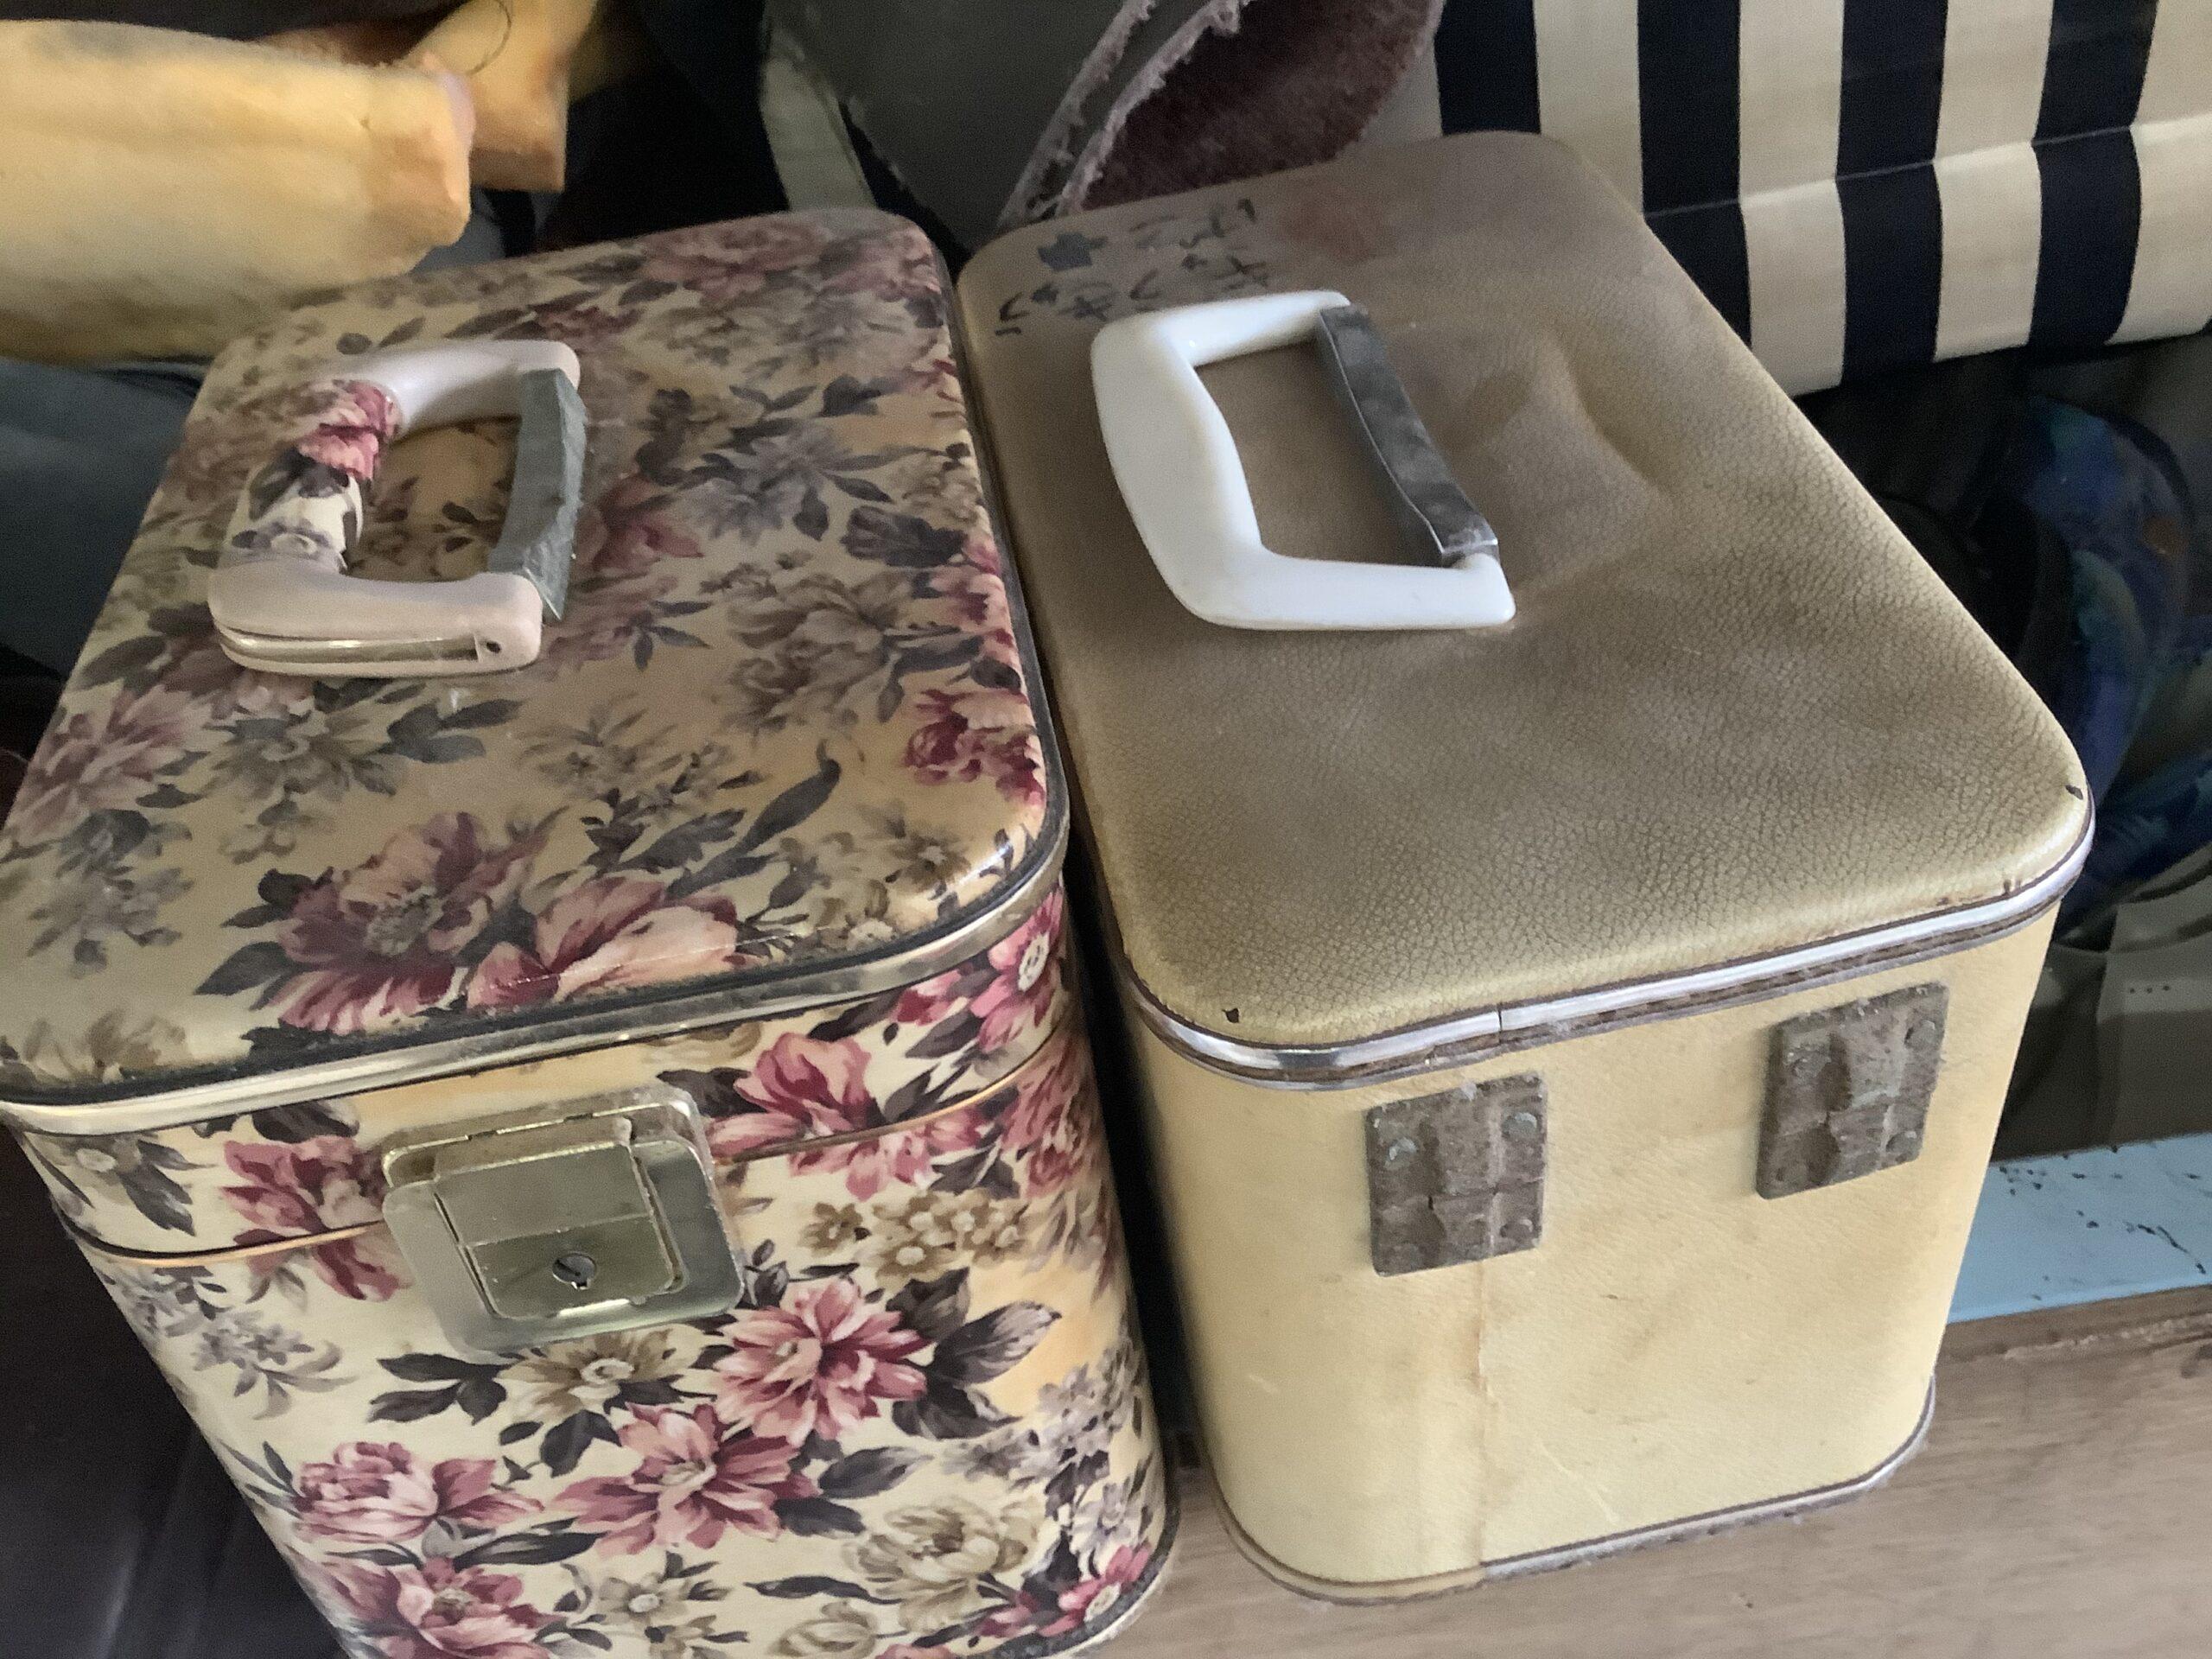 福山市熊野町で回収した化粧品ボックス